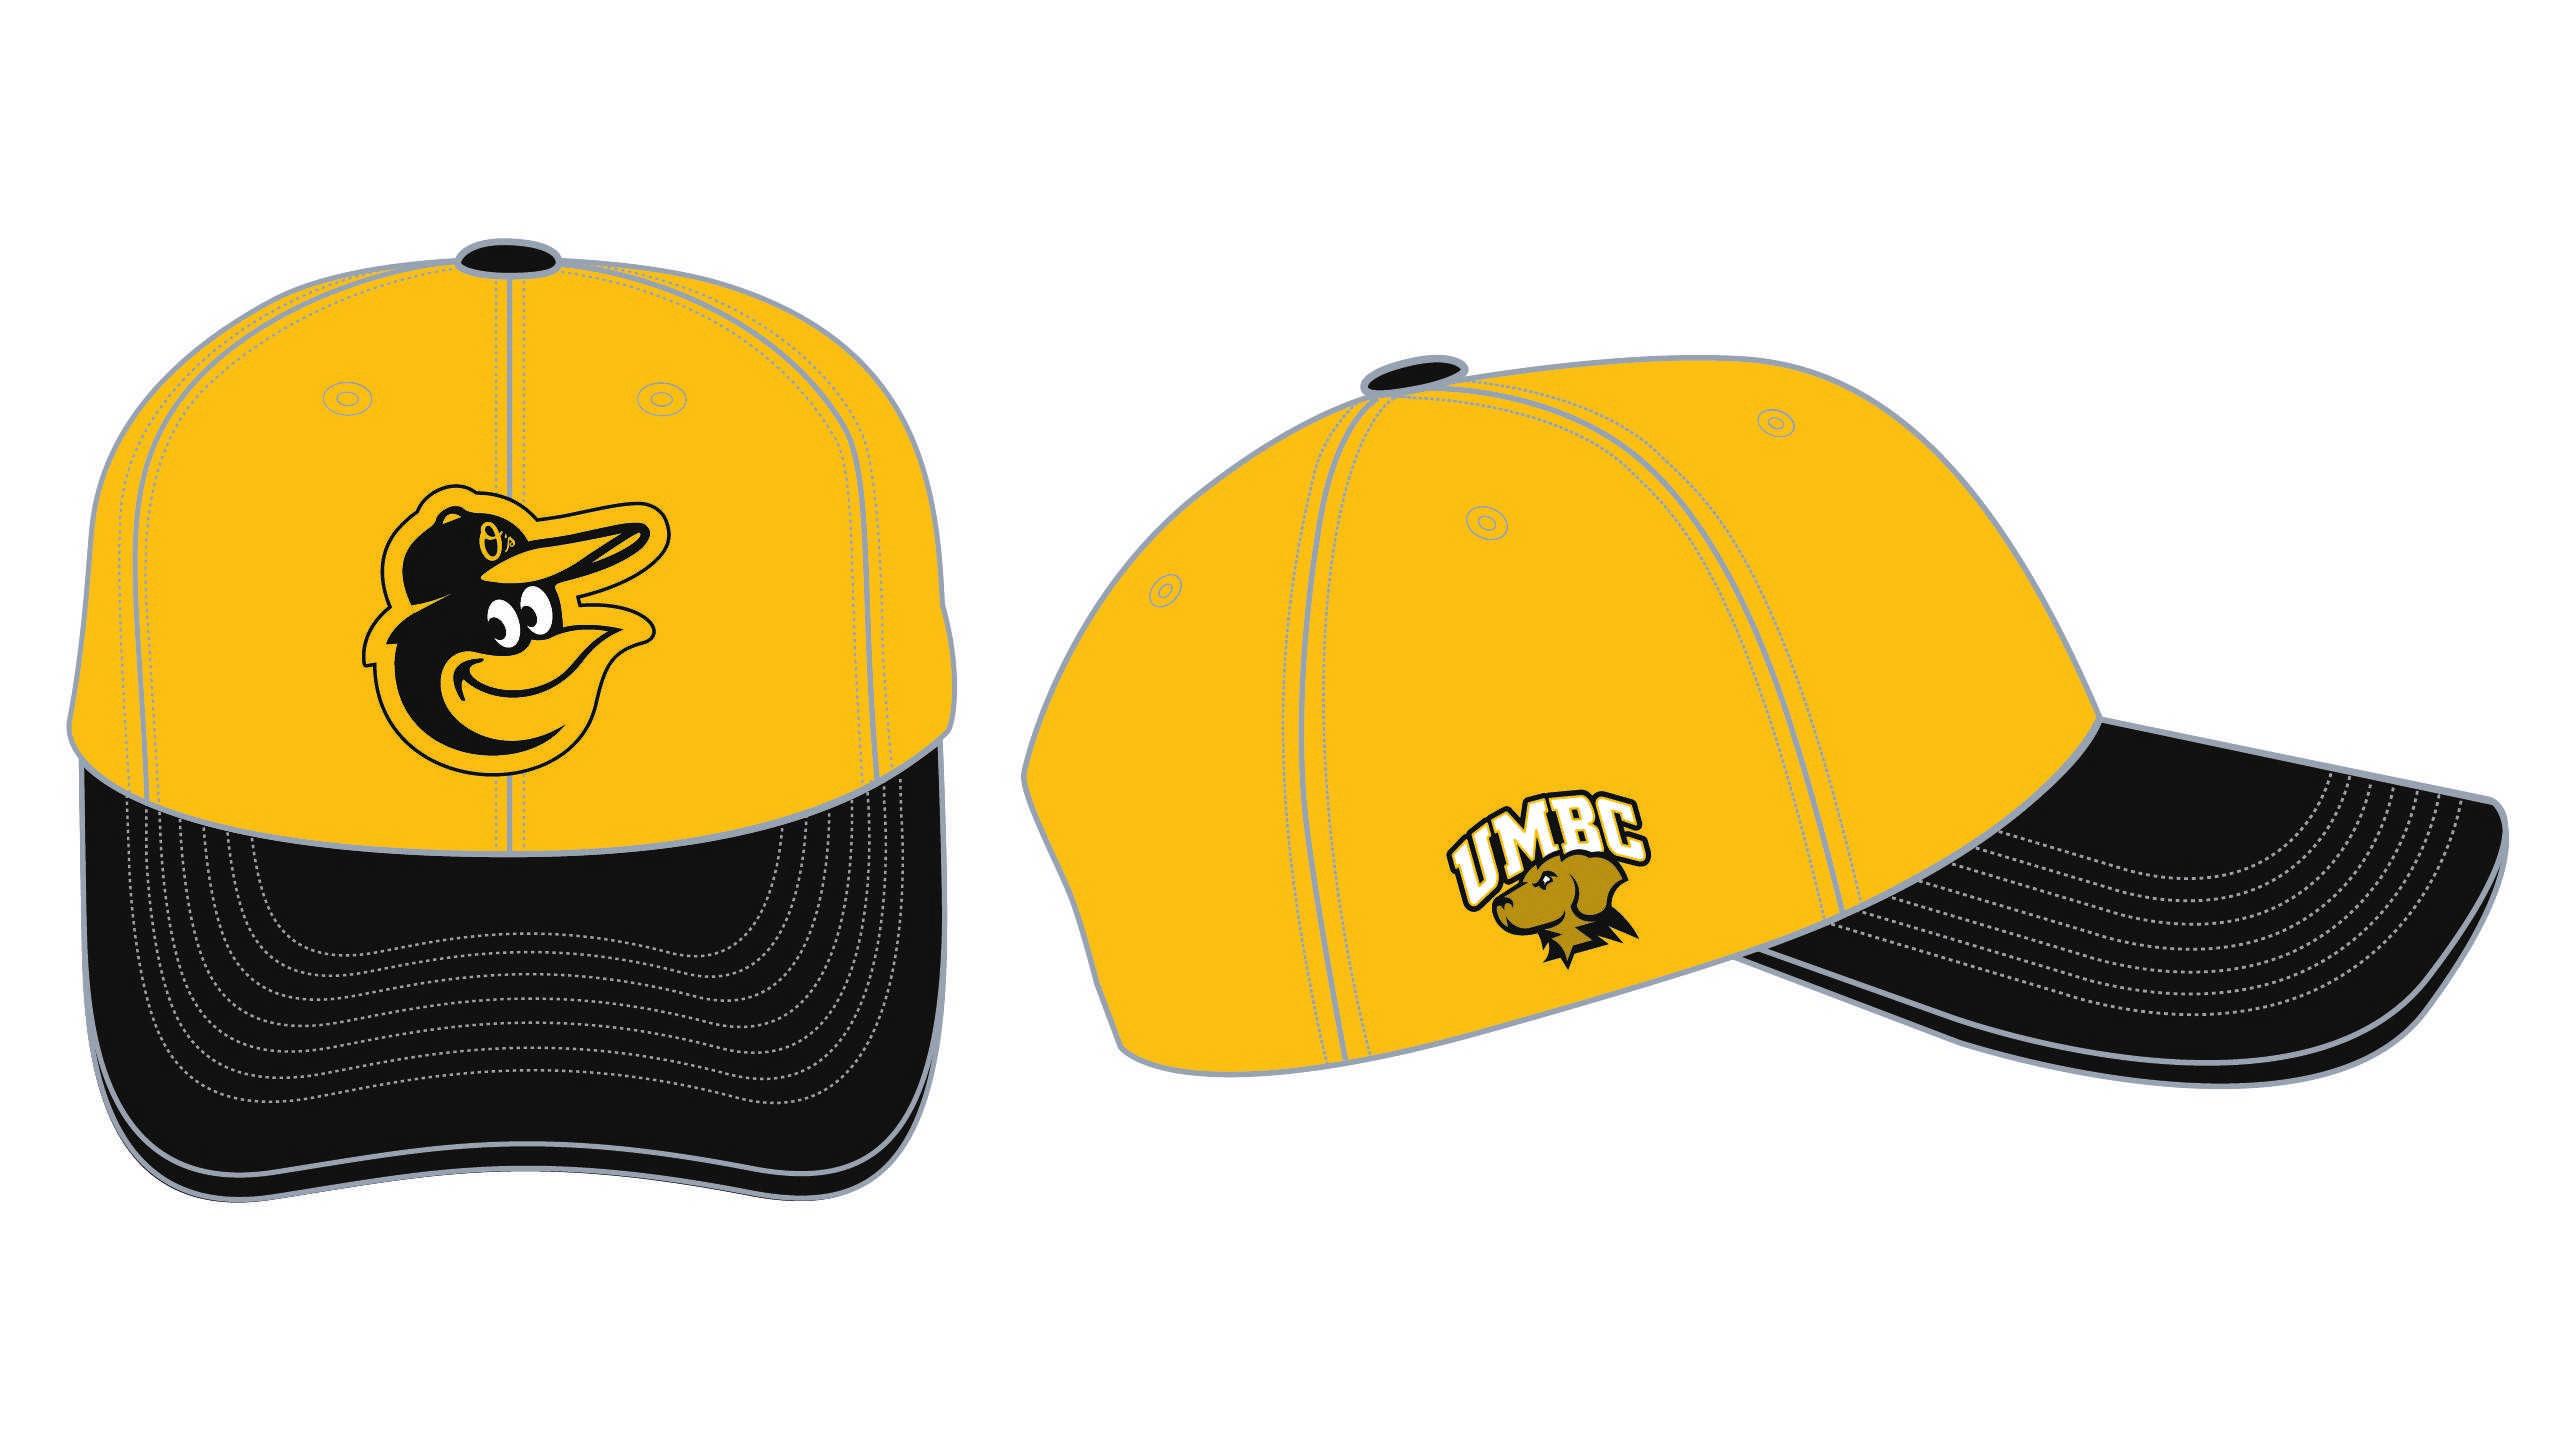 UMBC Orioles hat